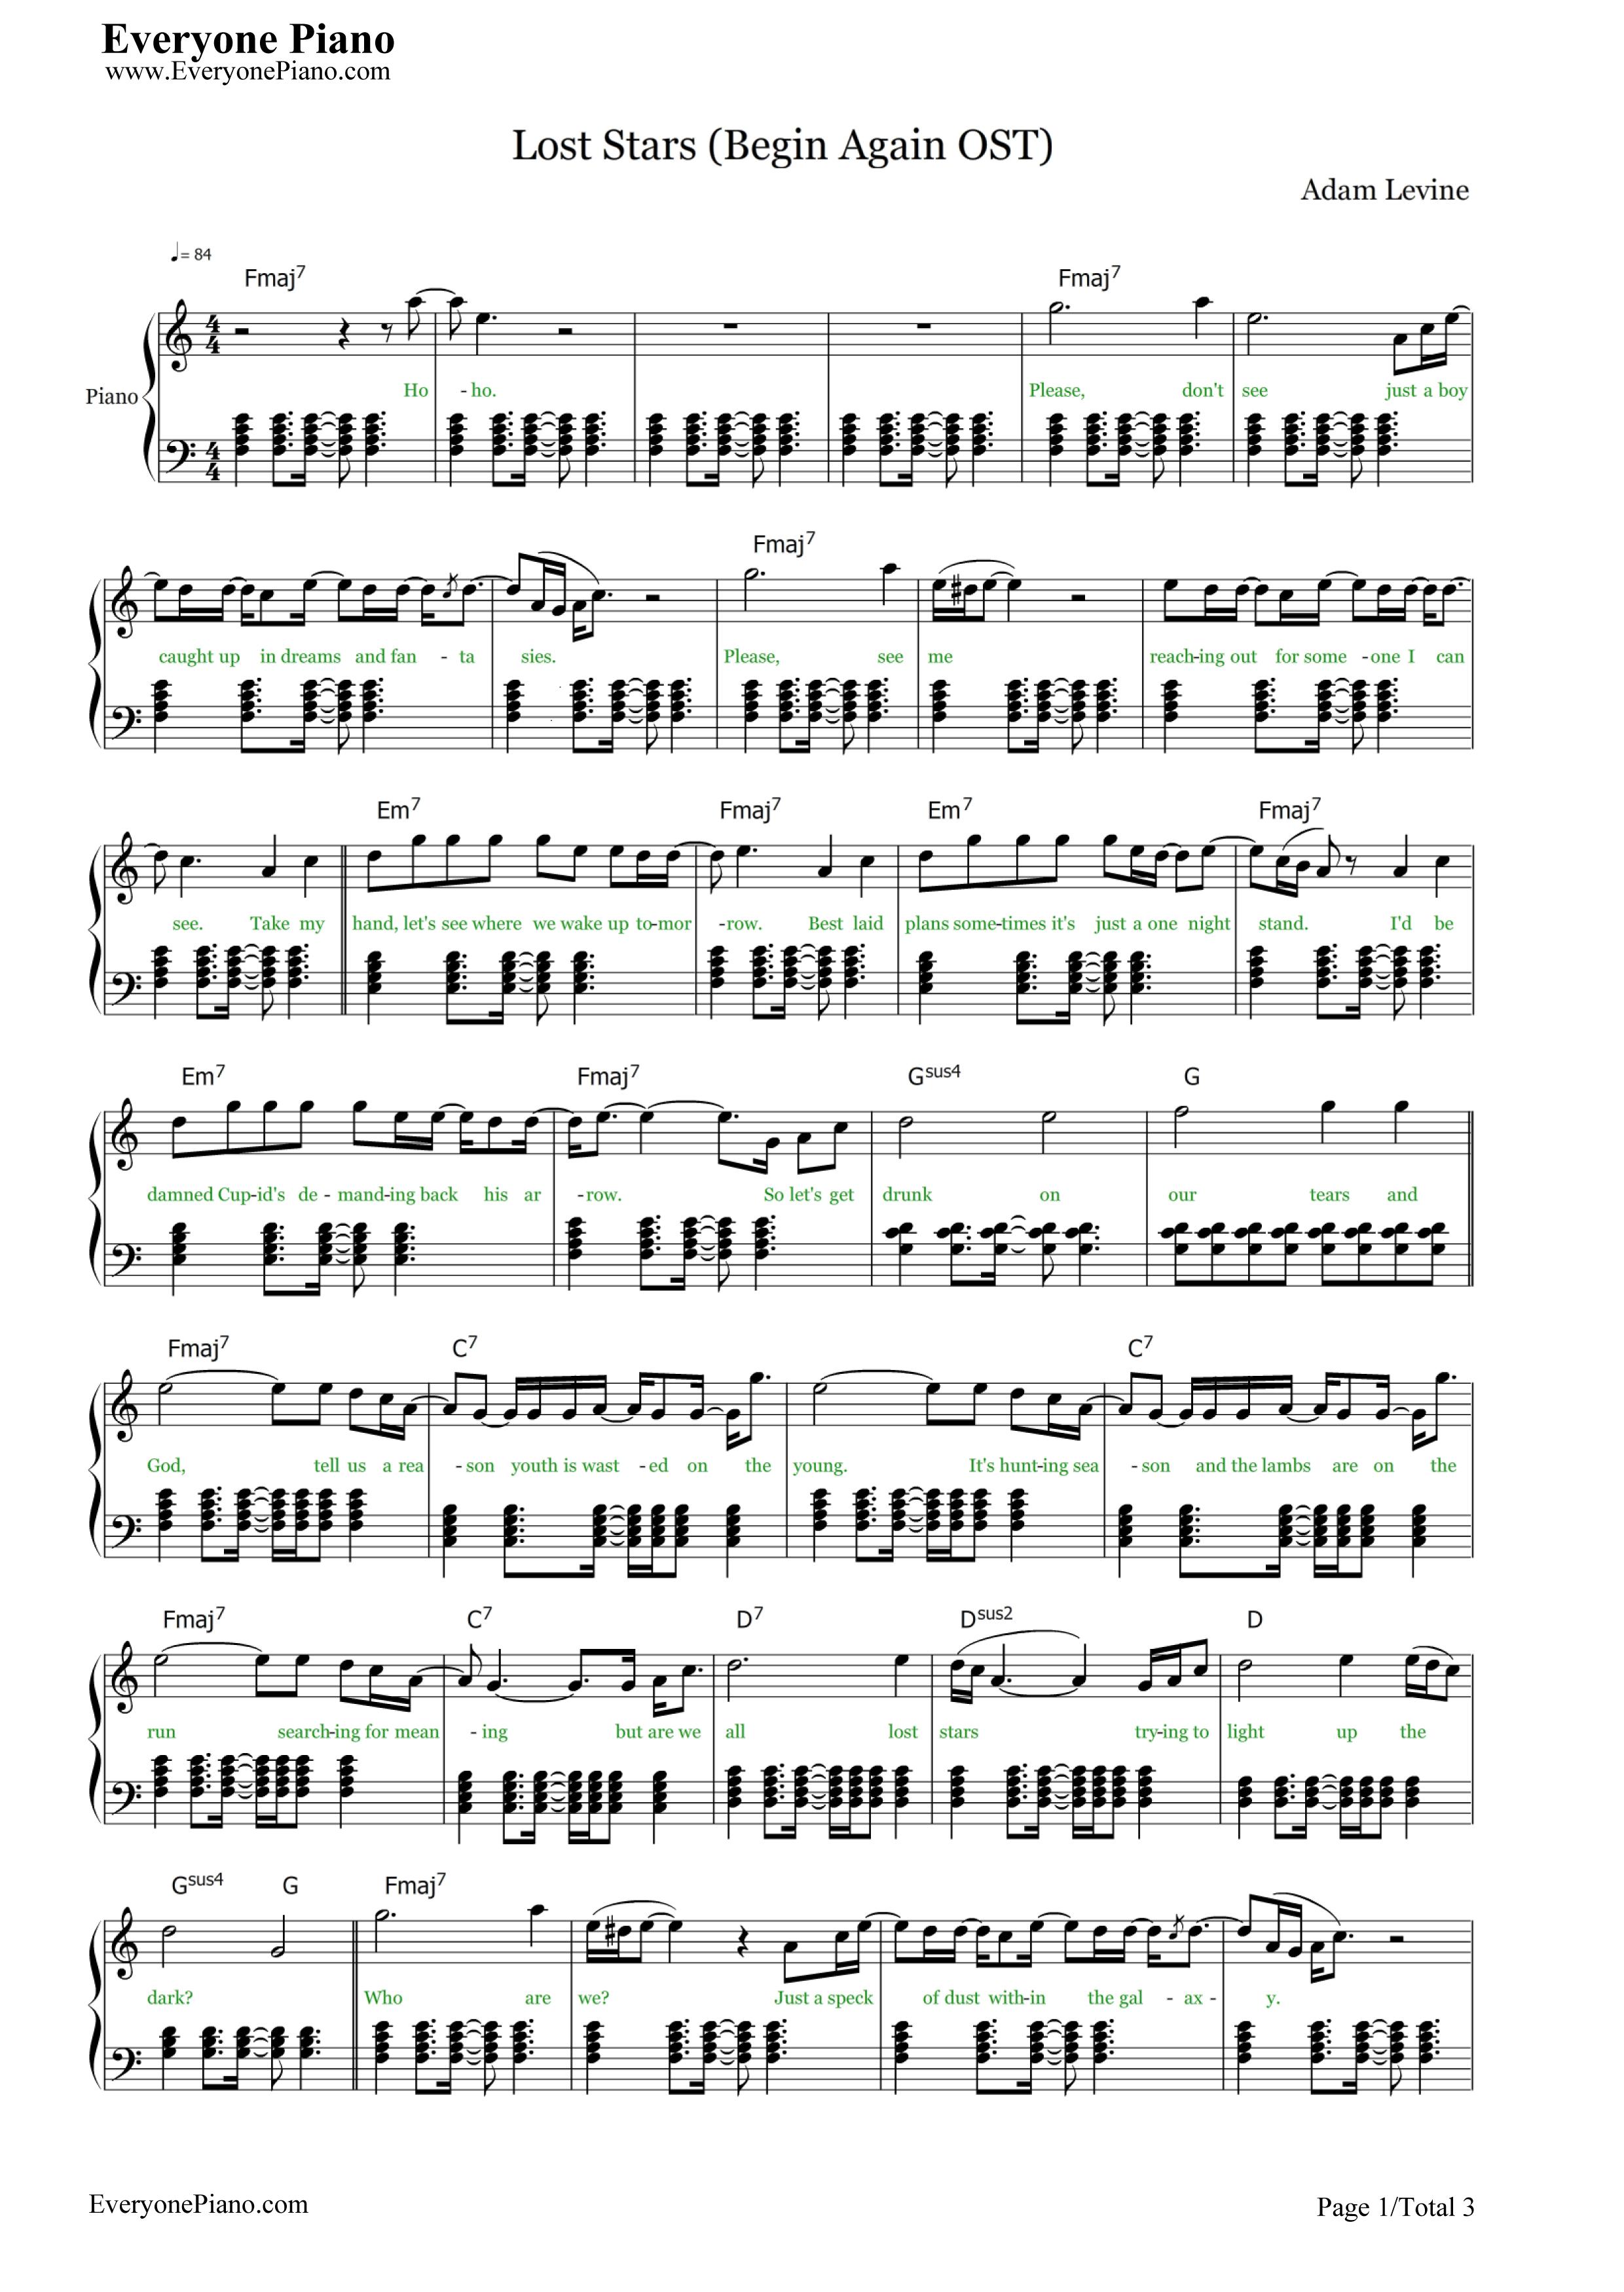 钢琴曲谱 流行 lost stars-歌曲改变人生主题曲 lost stars-歌曲改变